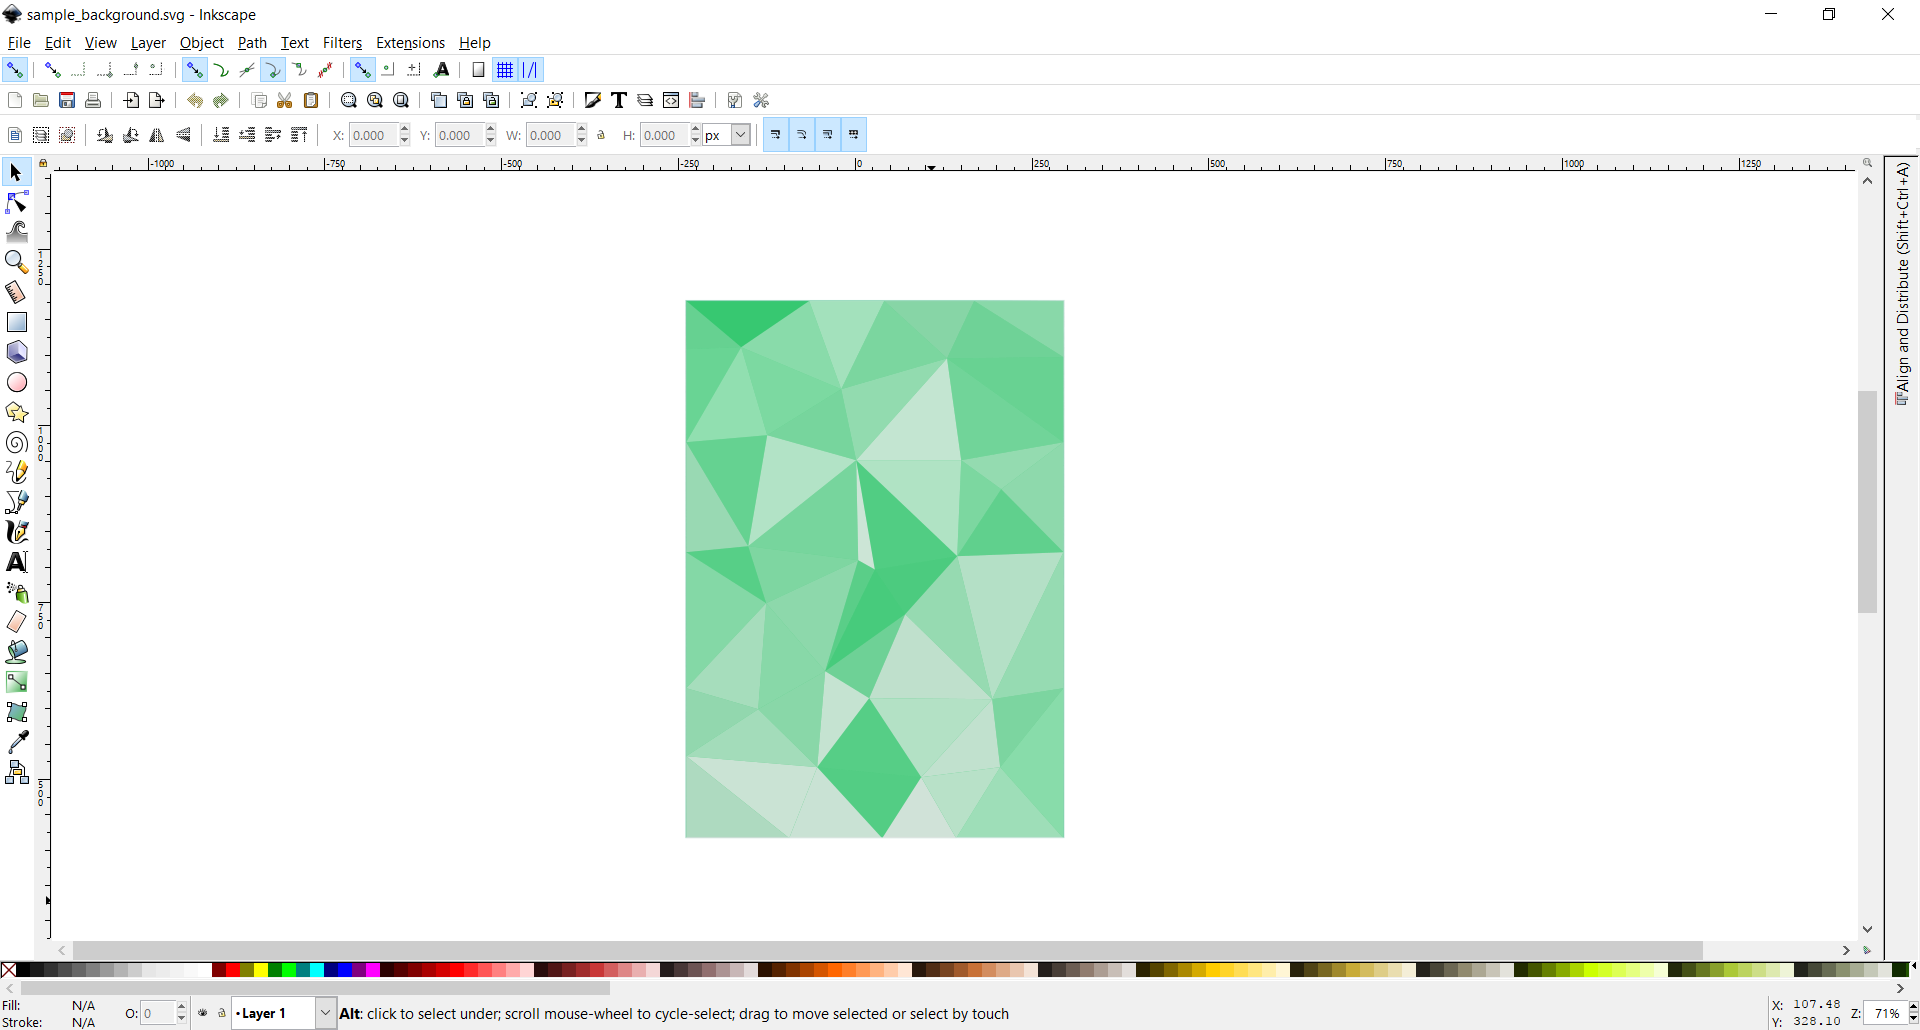 color_b_37c871